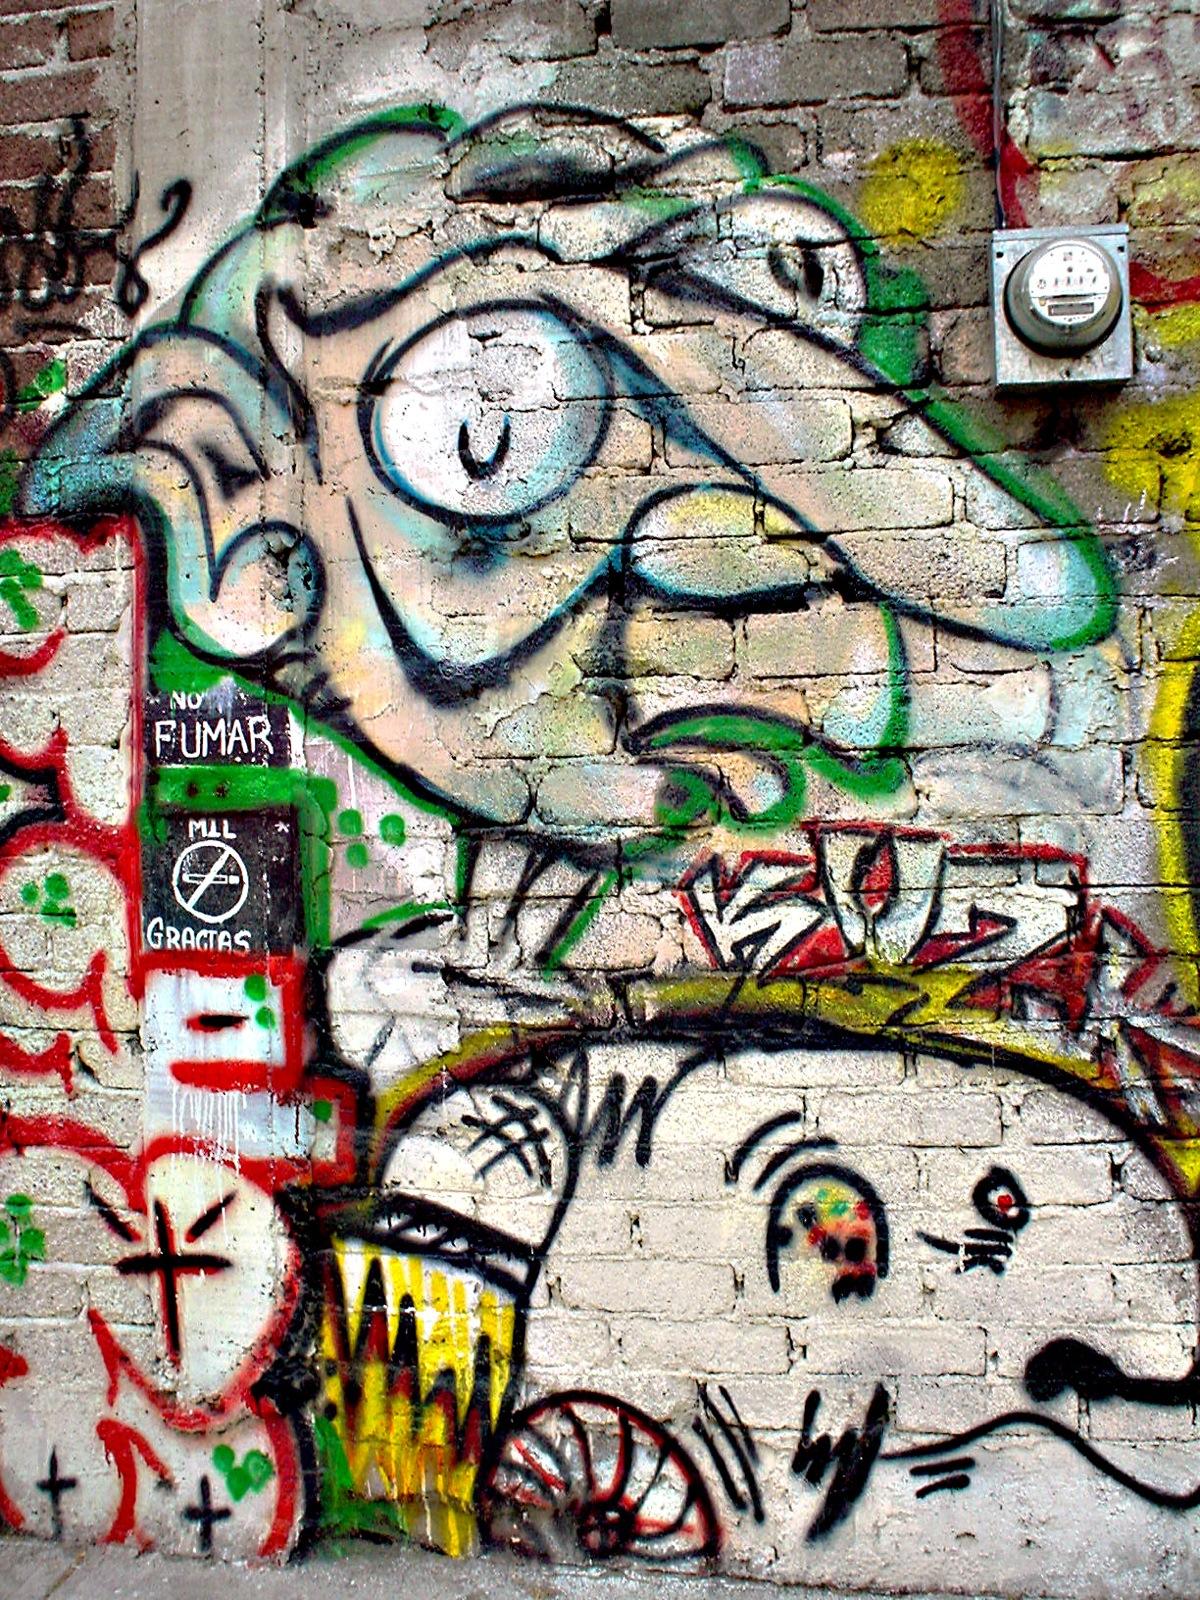 Gambar Grafiti Lengkap | Kumpulan Gambar Lengkap